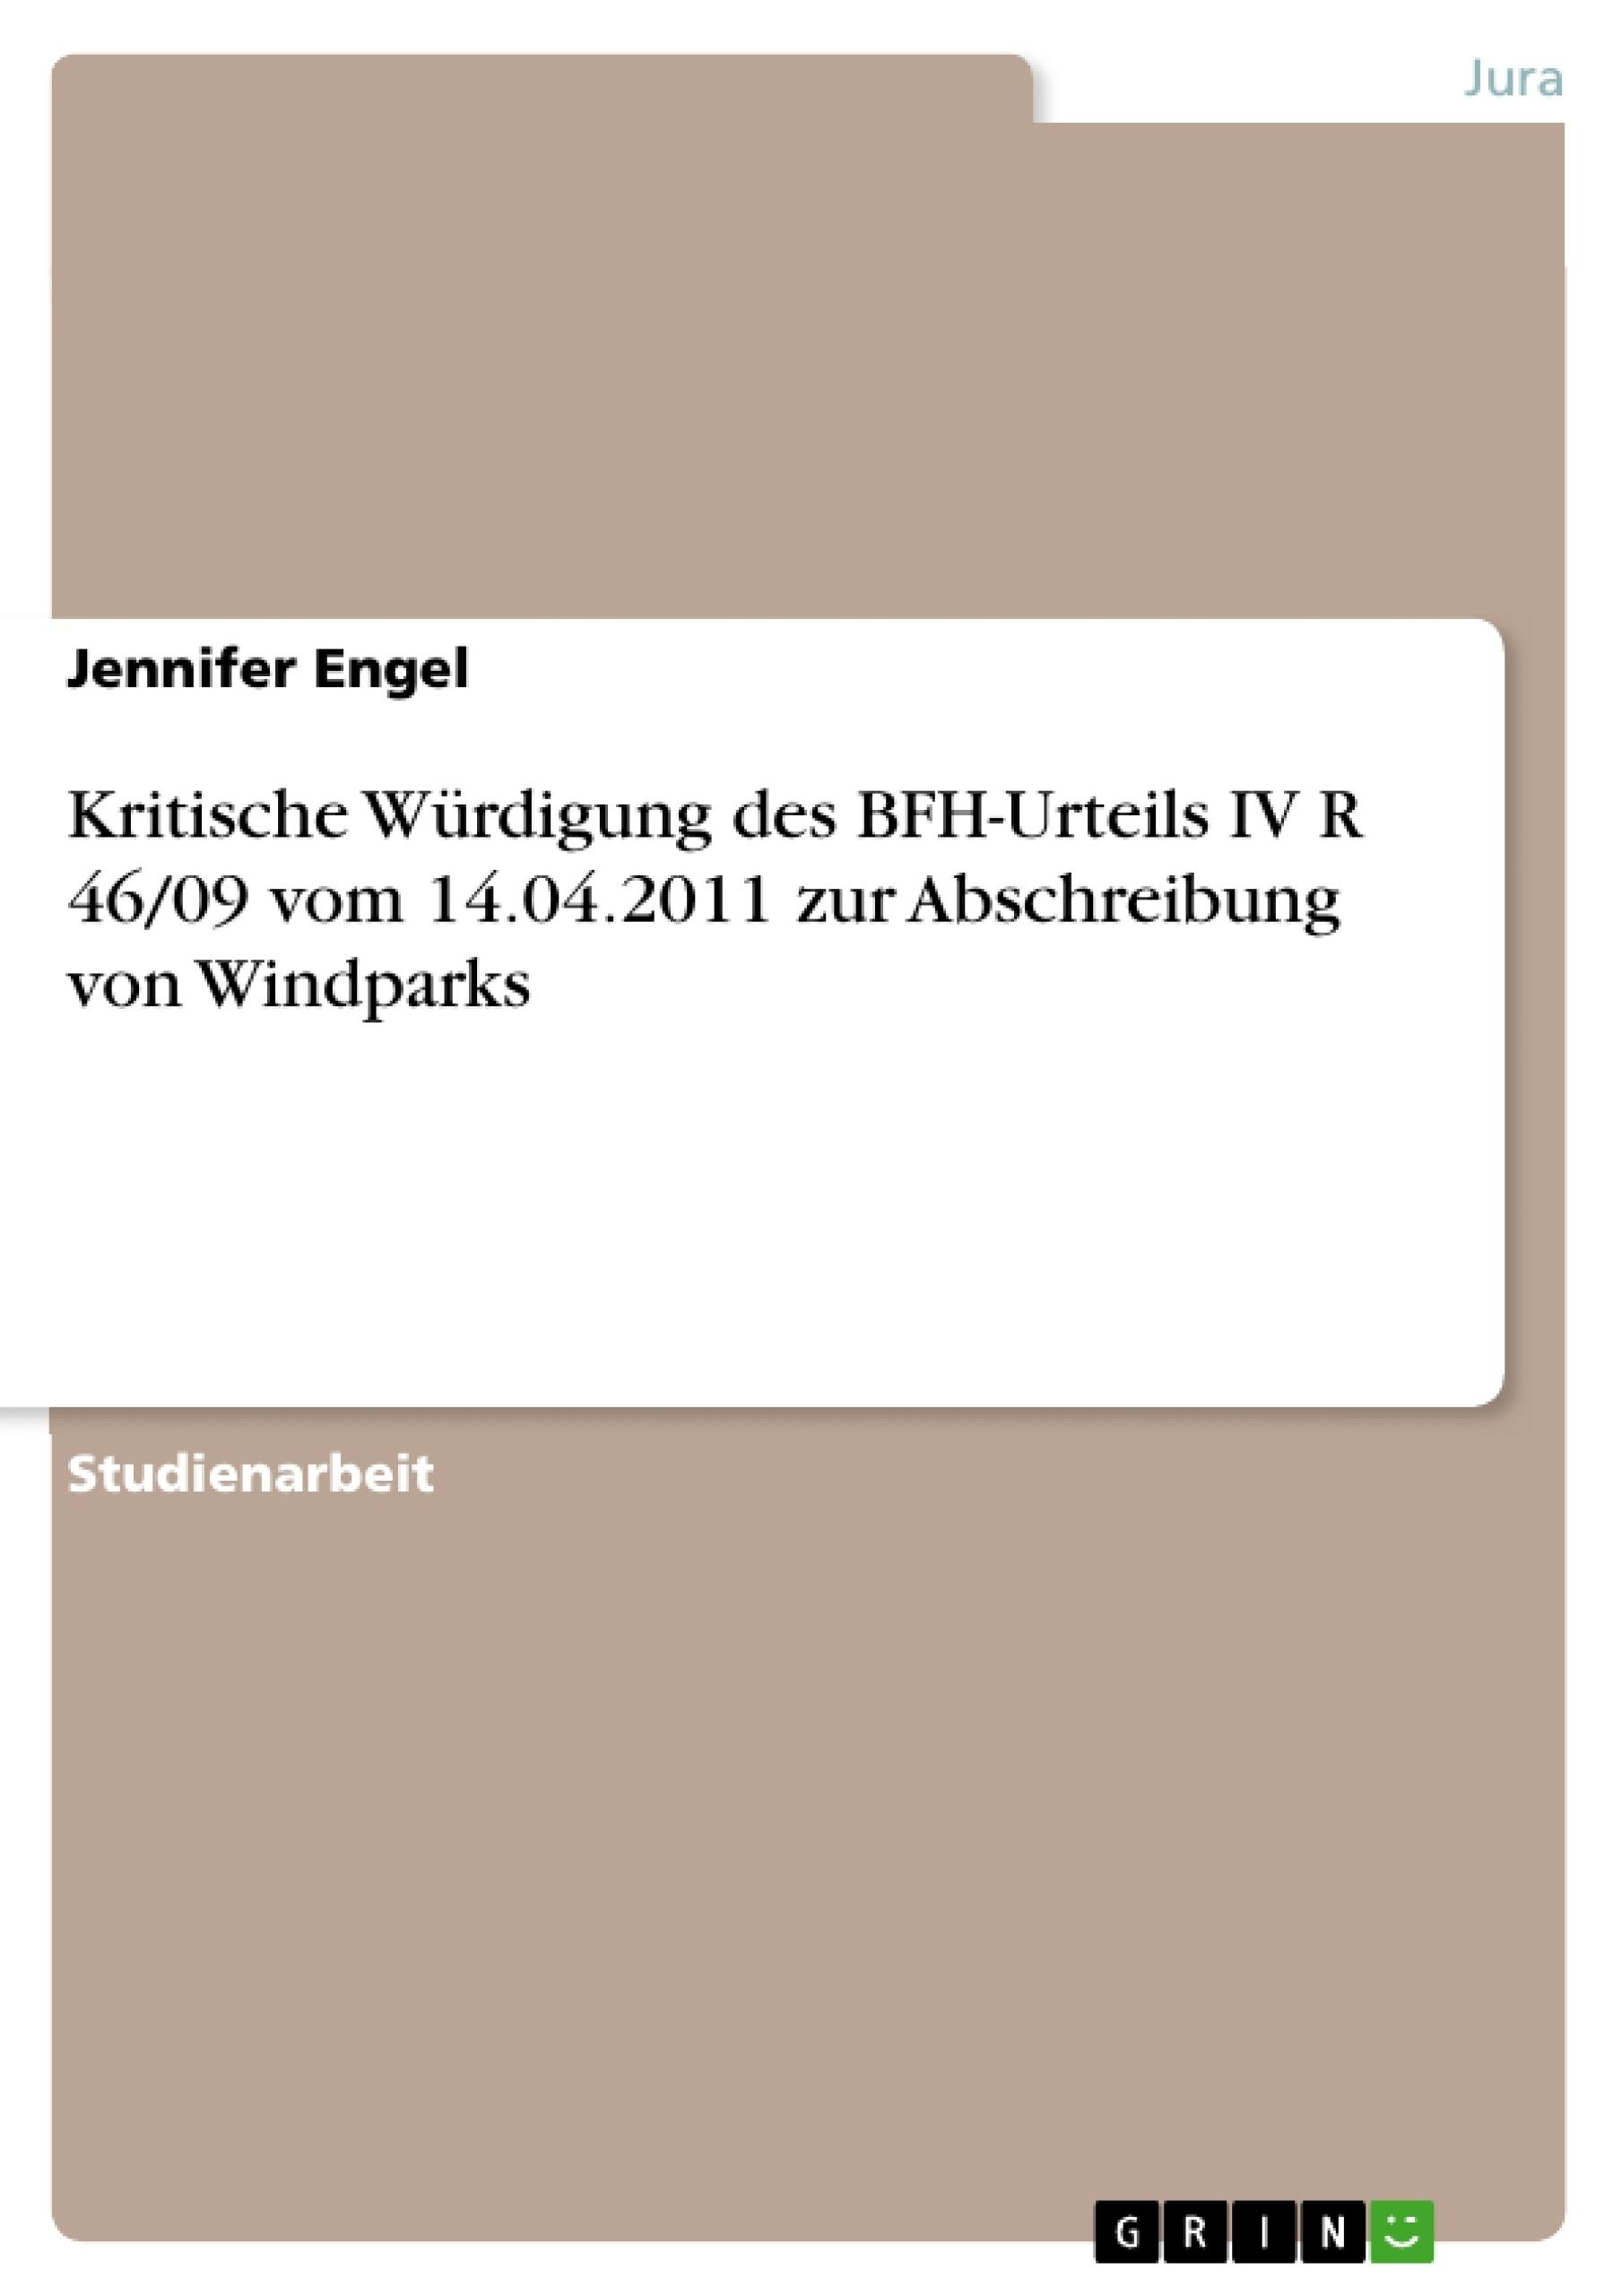 Titel: Kritische Würdigung des BFH-Urteils IV R 46/09 vom 14.04.2011 zur Abschreibung von Windparks